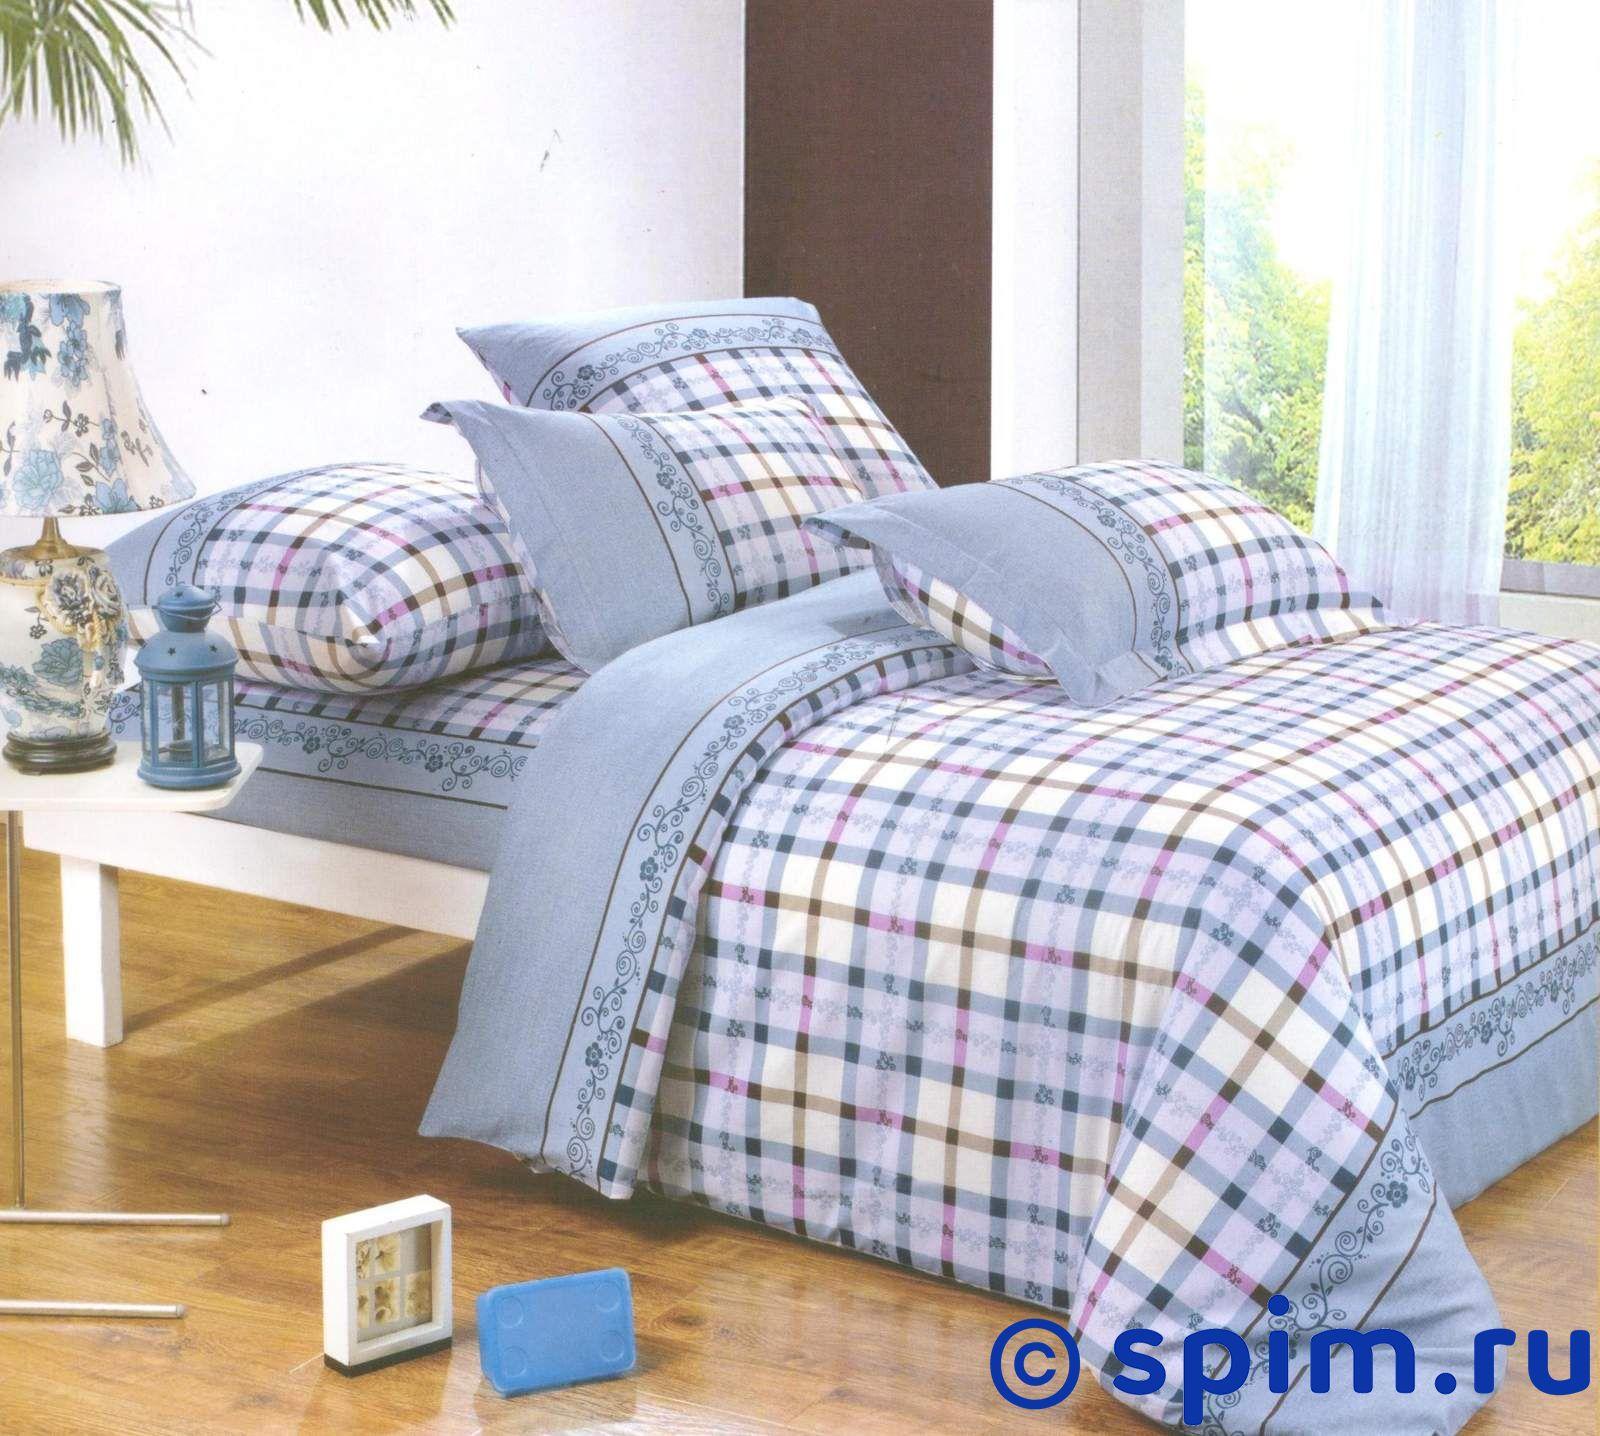 Комплект СайлиД А112 1.5 спальное